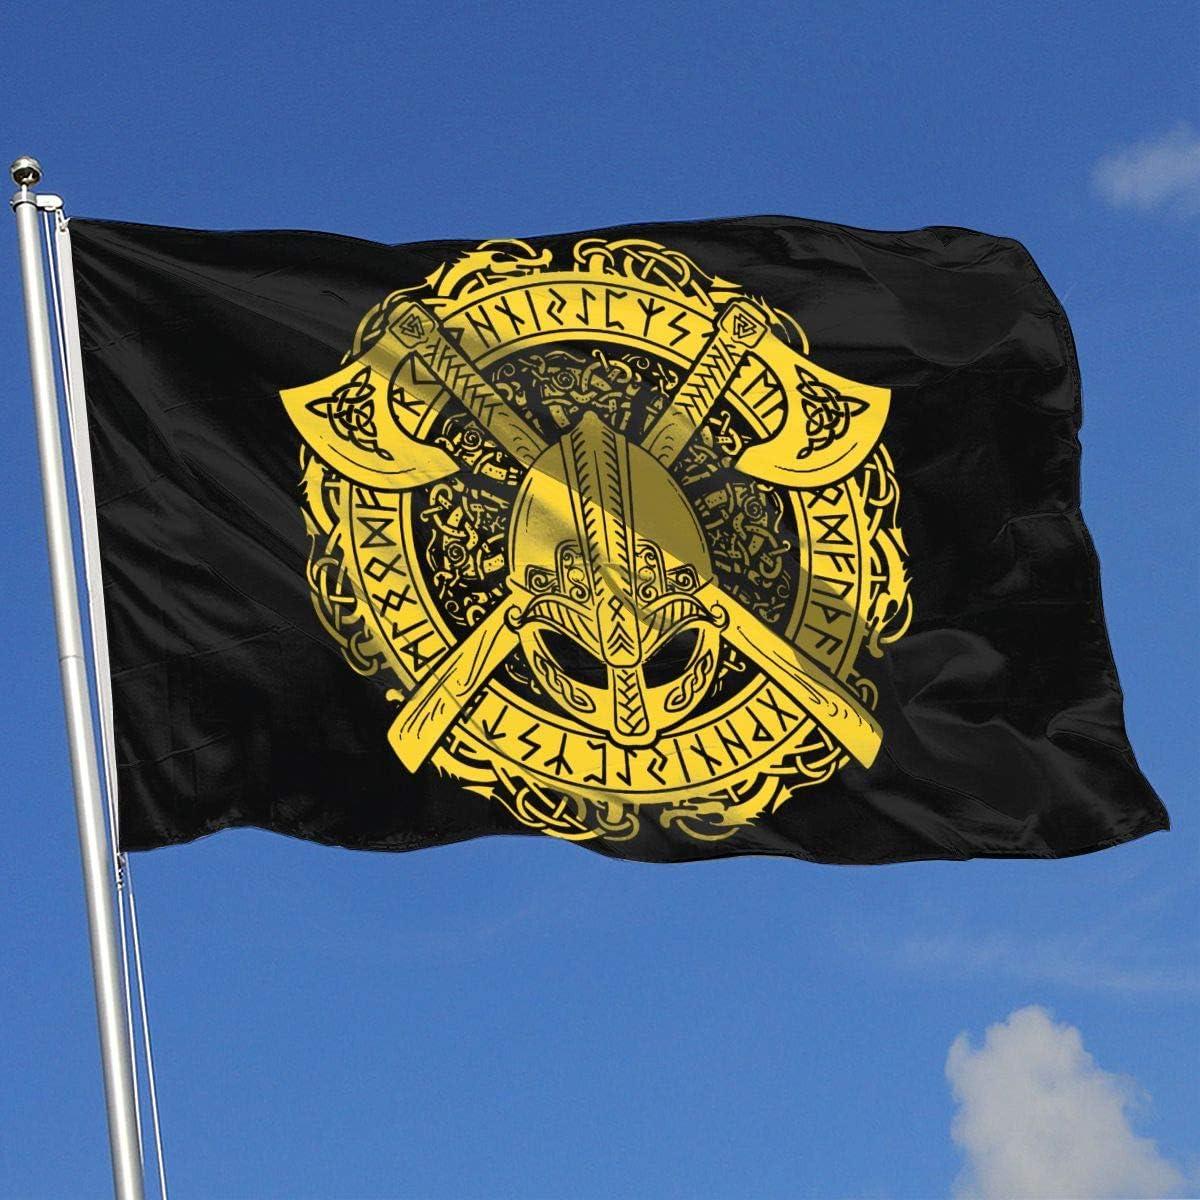 N / A 3X5 Ft, Bandera Brisa, Bandera Militar, Bandera De Demostración, Banderas De Jardín, Banderas De Vacaciones, Guerrero Vikingo: Amazon.es: Jardín